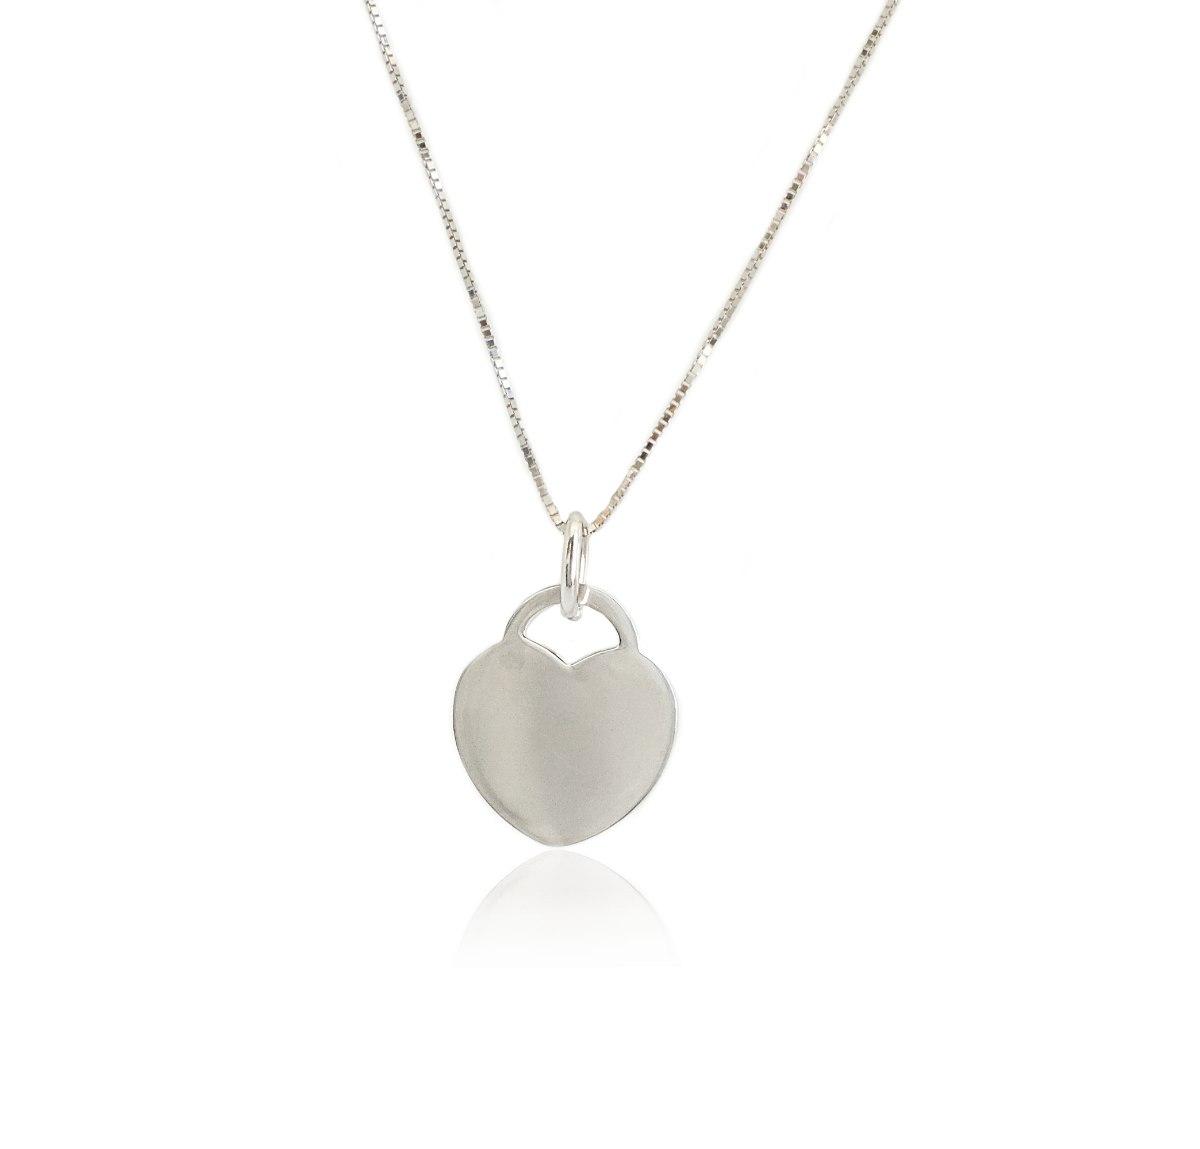 שרשרת זהב לבן עם תליון לב|מתנה אישית